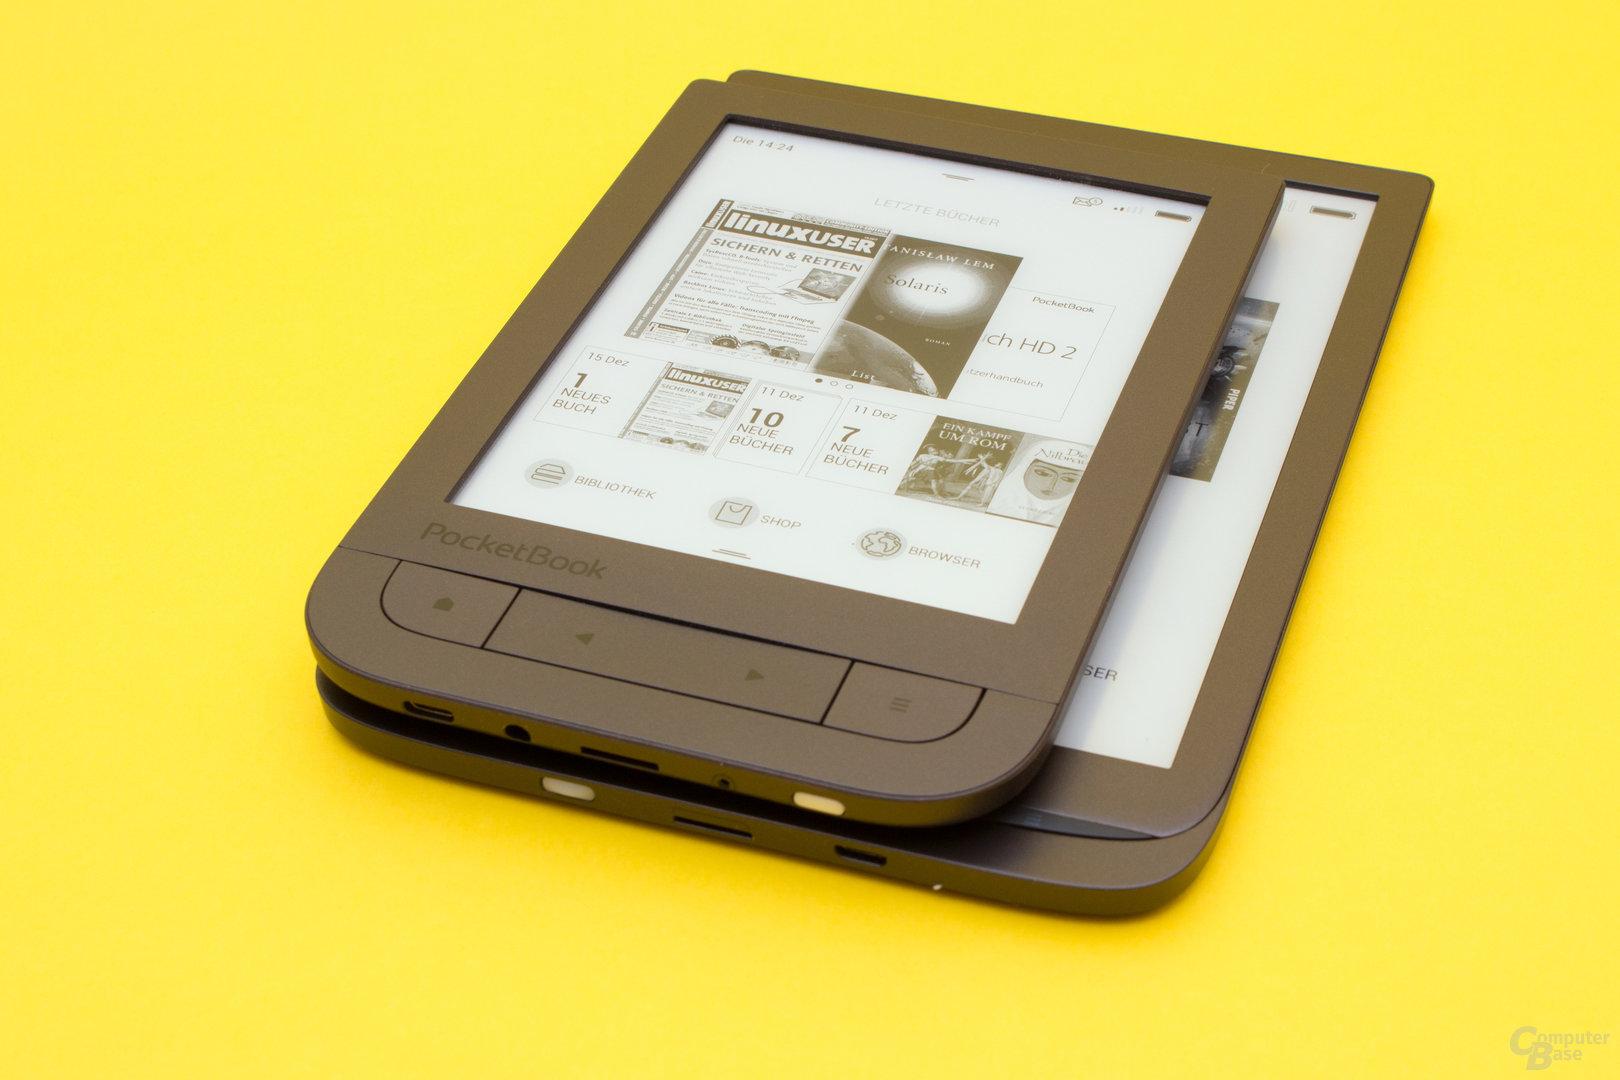 Größenvergleich PocketBook Touch HD 2 und InkPad 3